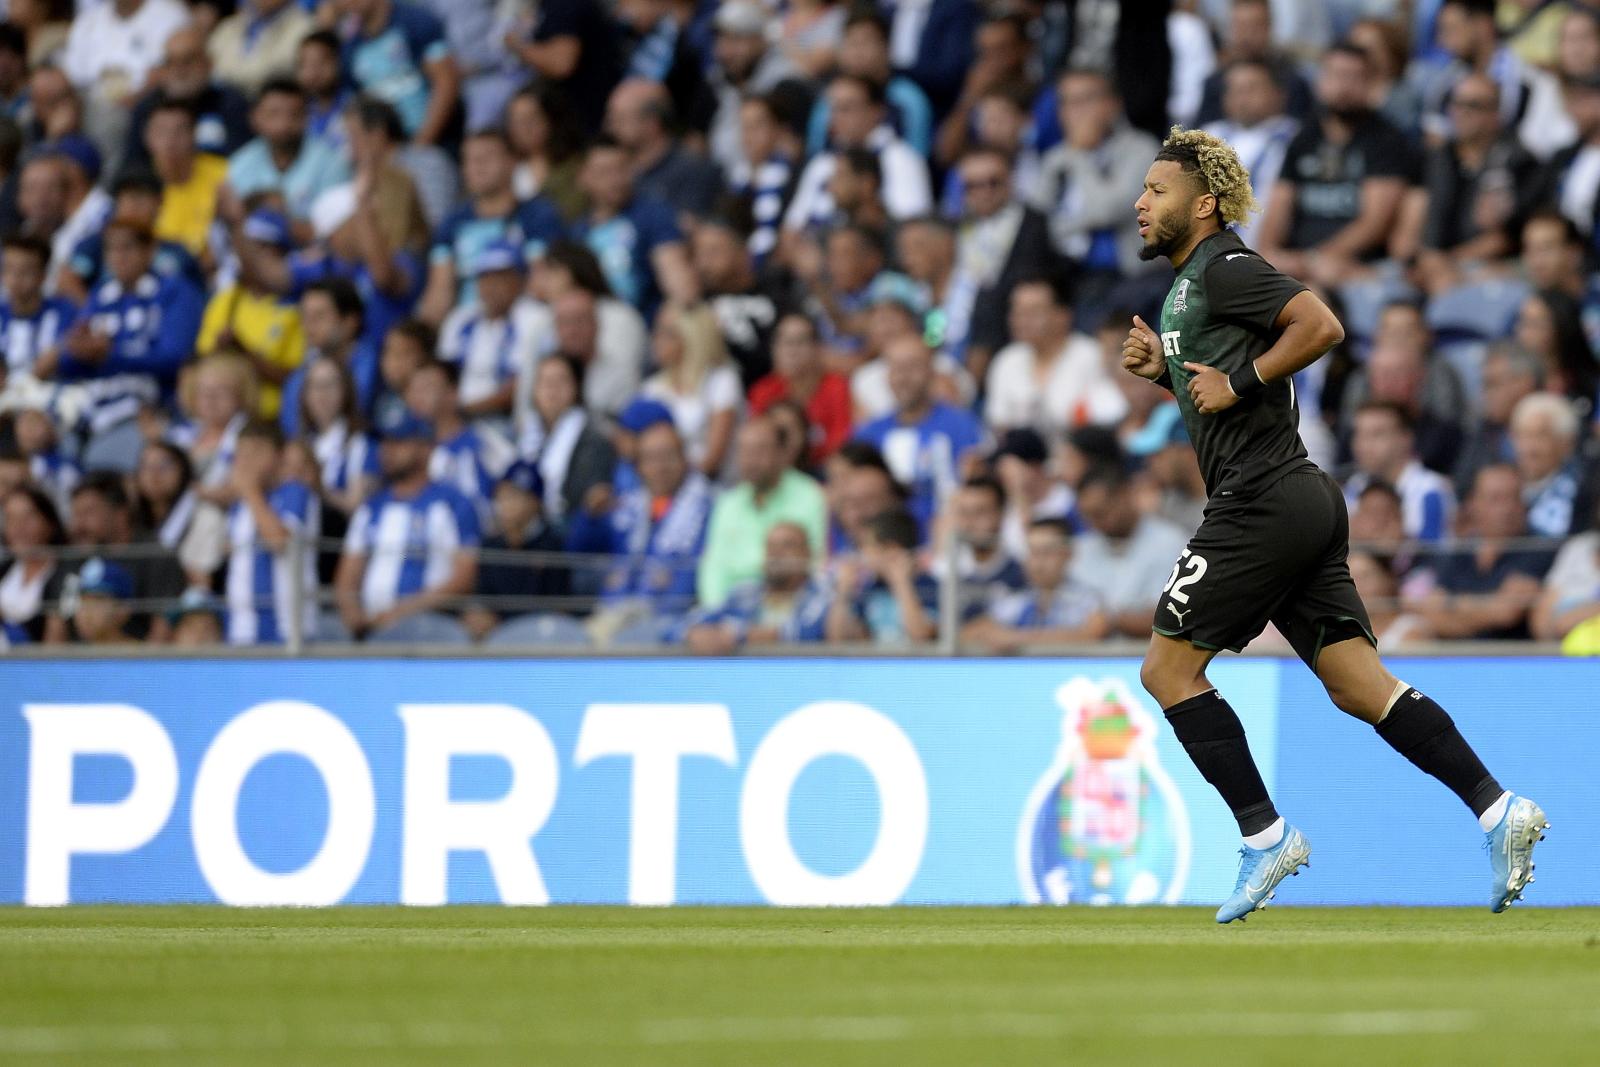 FC Porto vs Krasnodar. fot. EPA/FERNANDO VELUDO